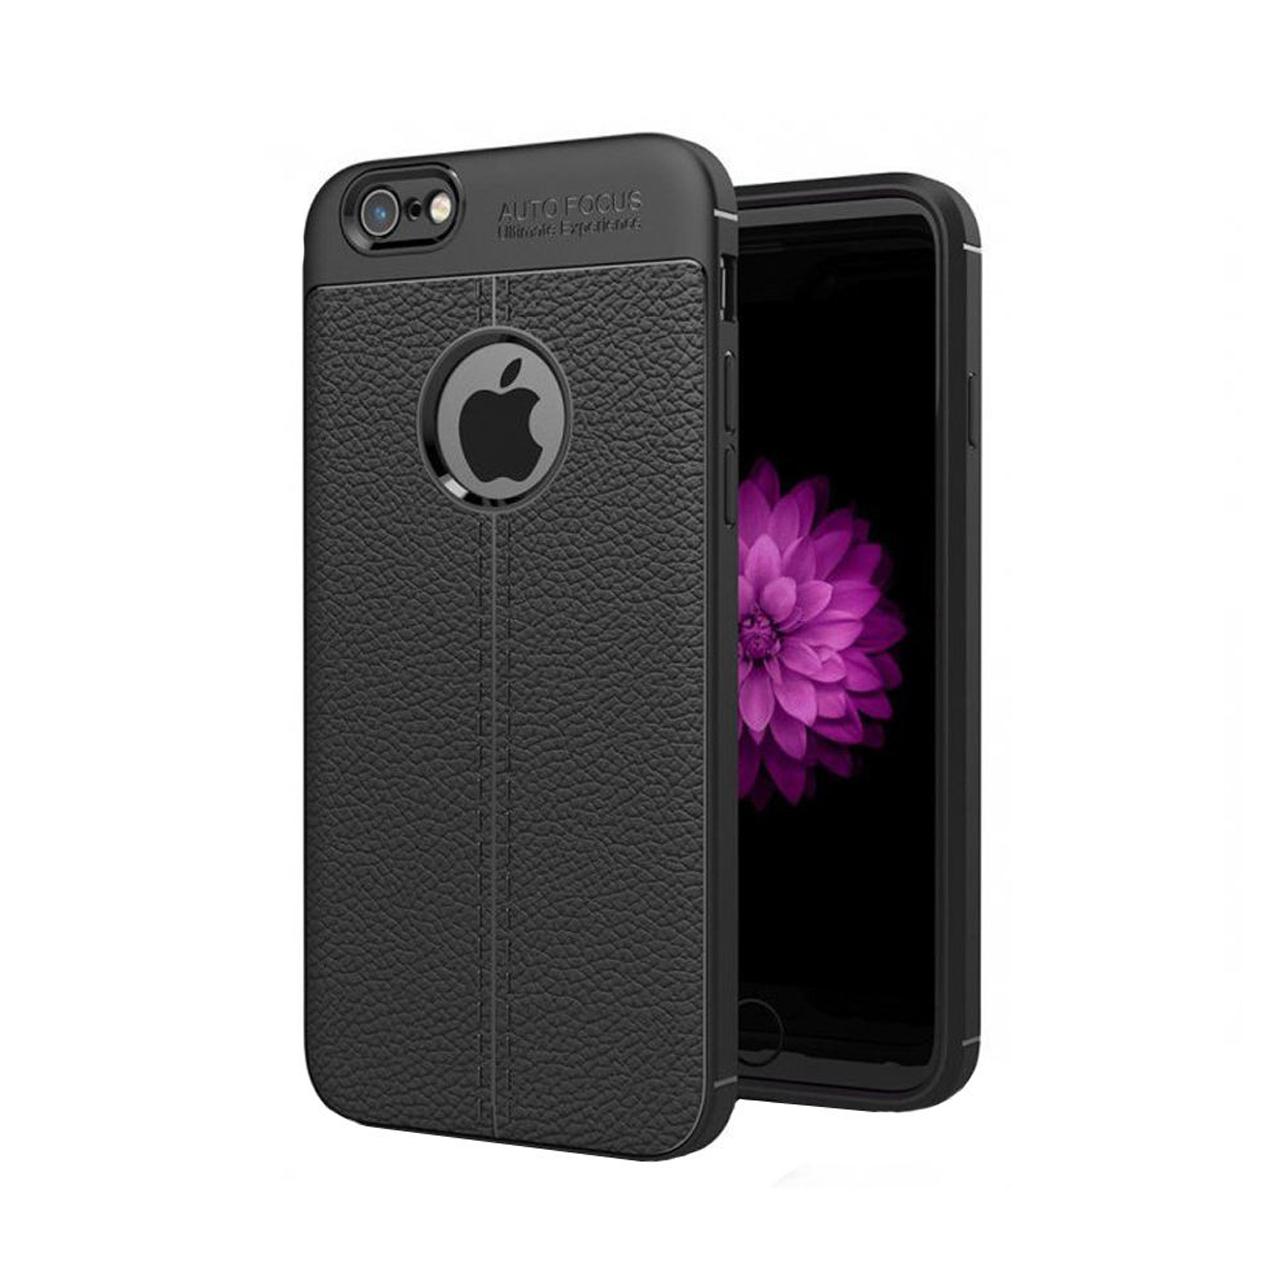 کاور مورفی مدل Auto7 مناسب برای گوشی موبایل اپل Iphone 6/6S